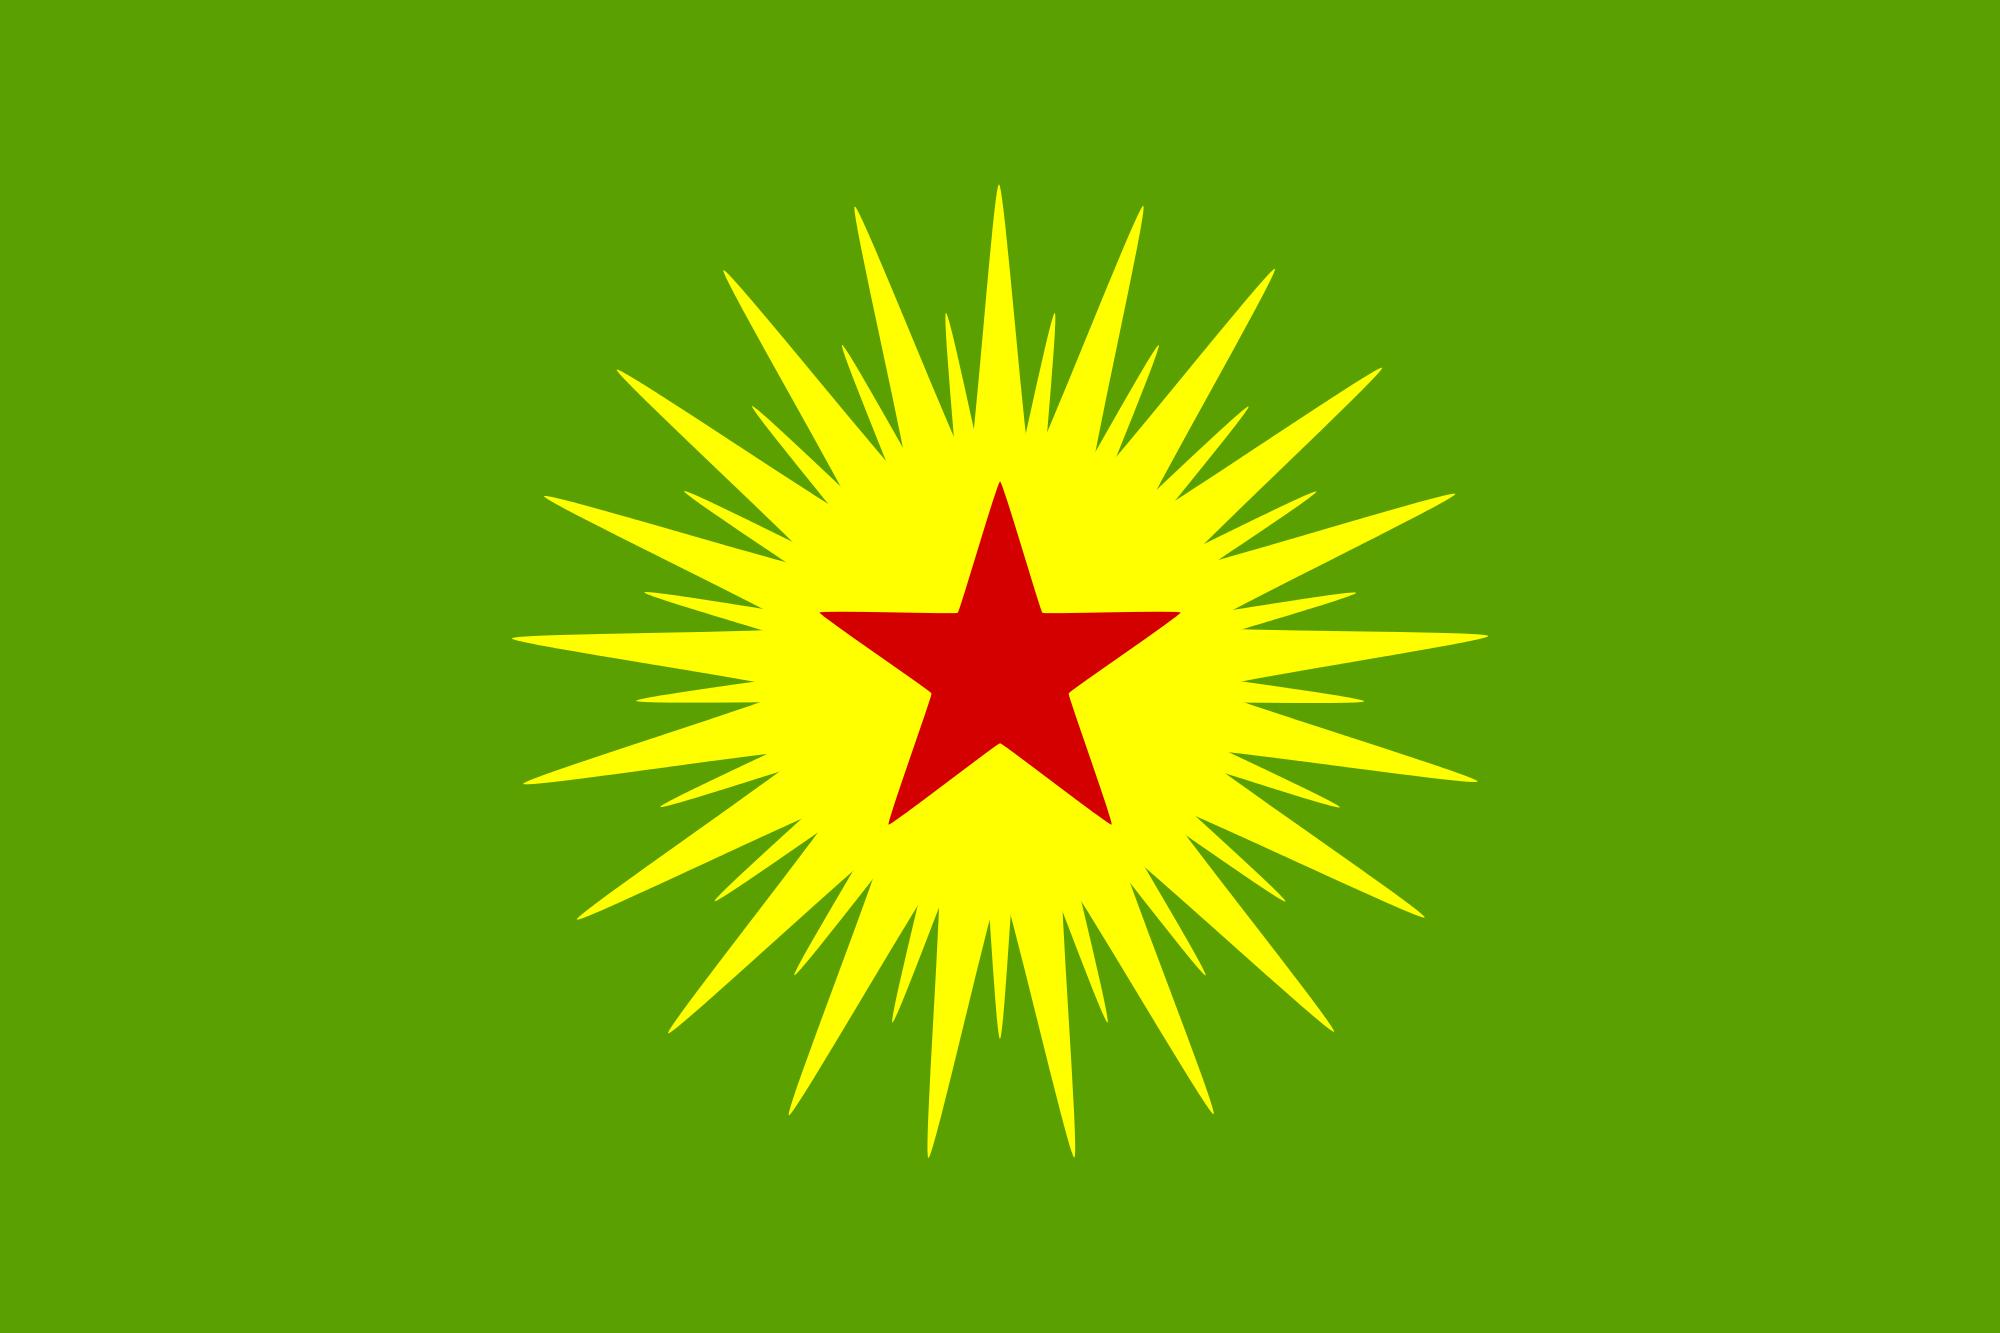 """KCK: Elci blev myrdet for at sige: """"PKK er ikke en terrororganisation"""""""